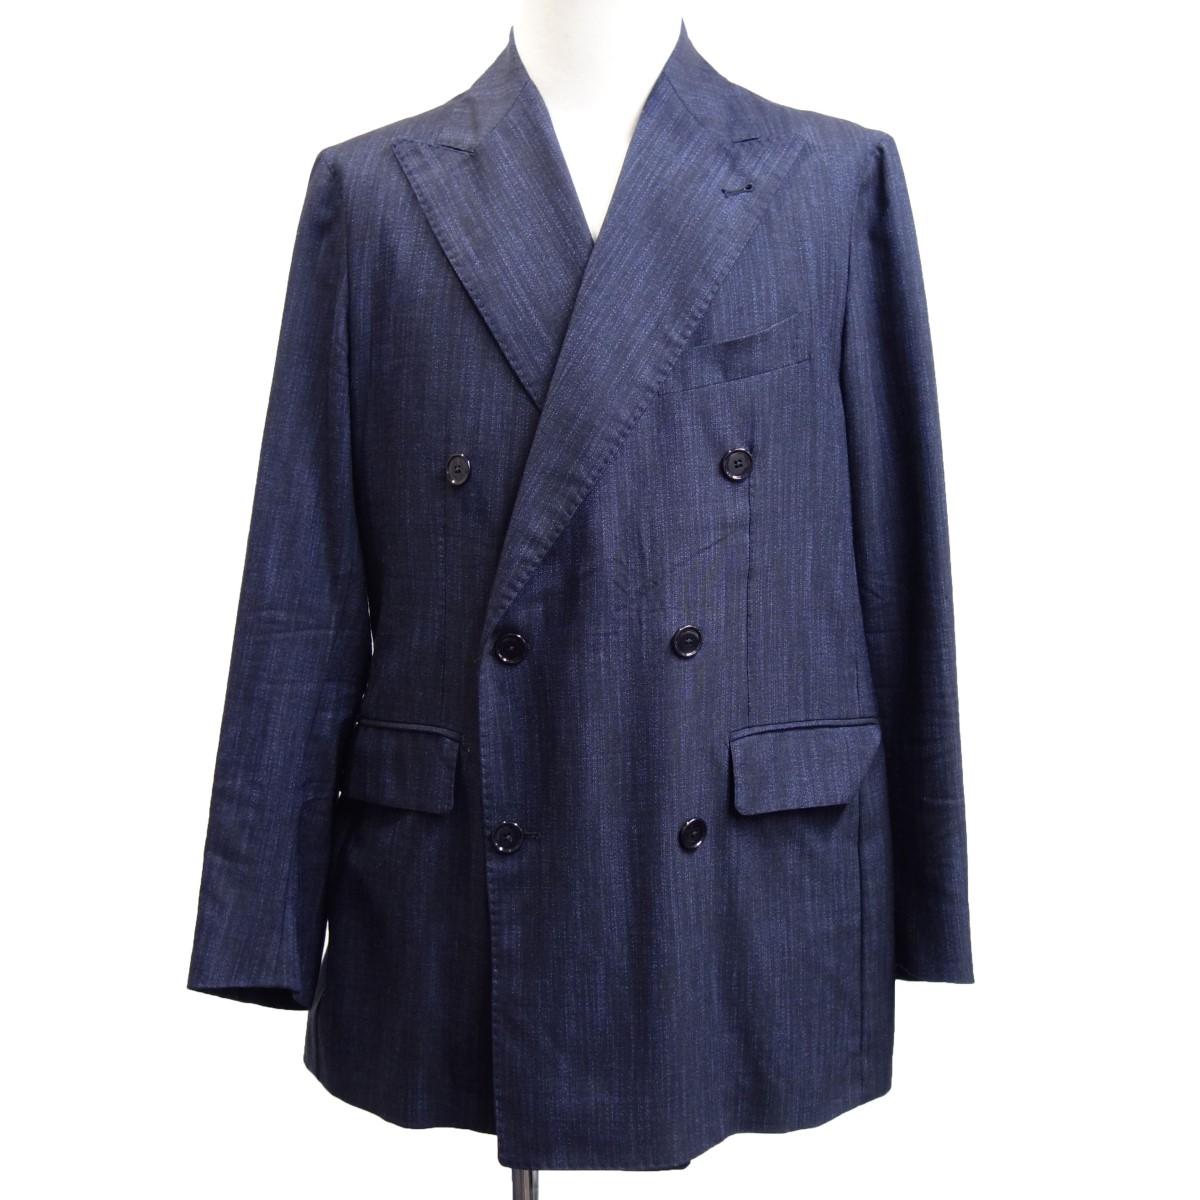 【中古】TAGLIATORE ダブルブレストアンコン仕立てテーラードジャケット ネイビー サイズ:44 【070520】(タリアトーレ)